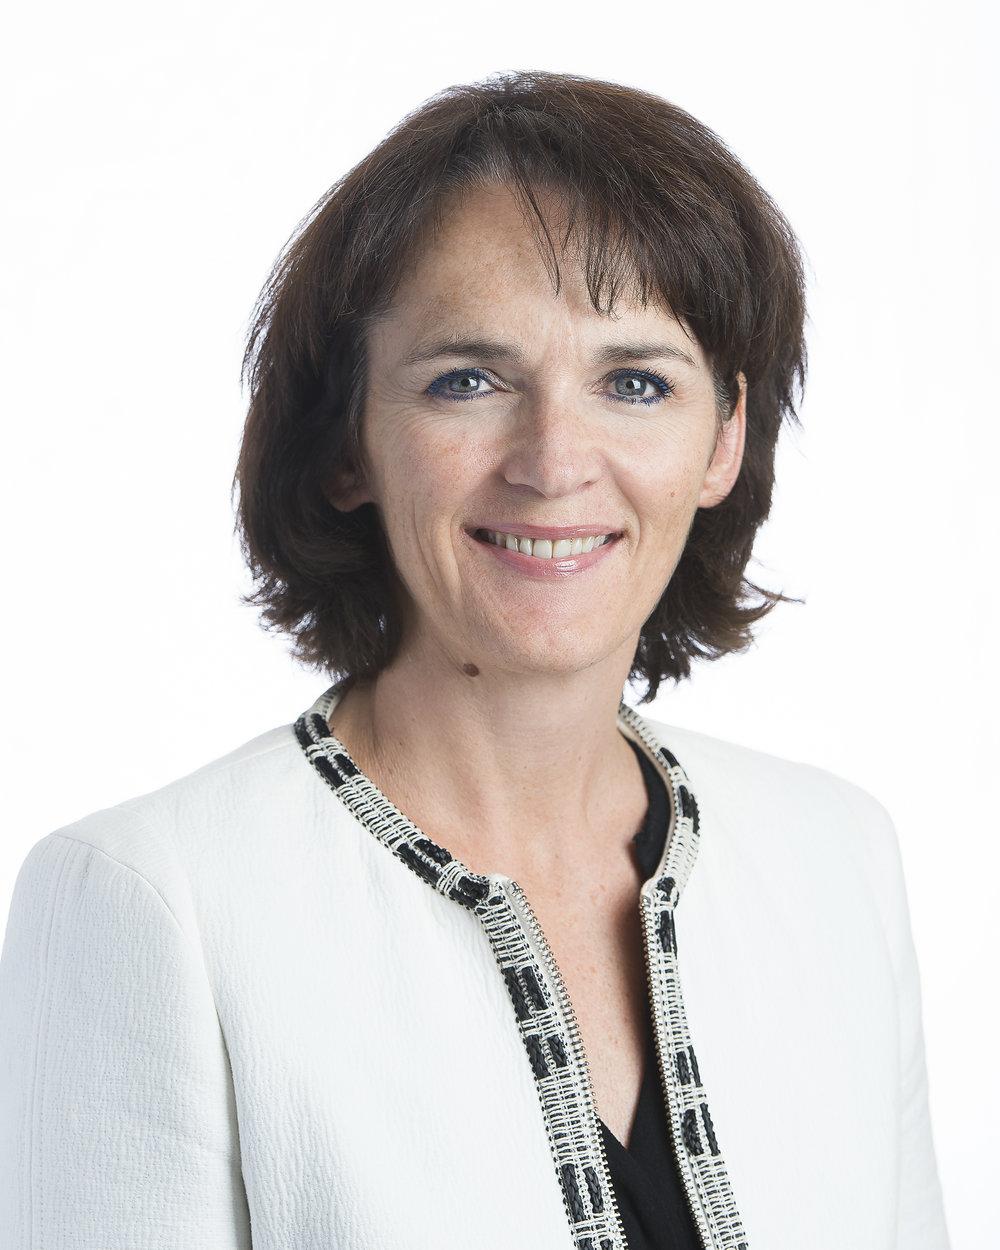 Marine Friand-Perrot, Maître de conférences à la Faculté de droit et des sciences politiques de Nantes, Université de Nantes